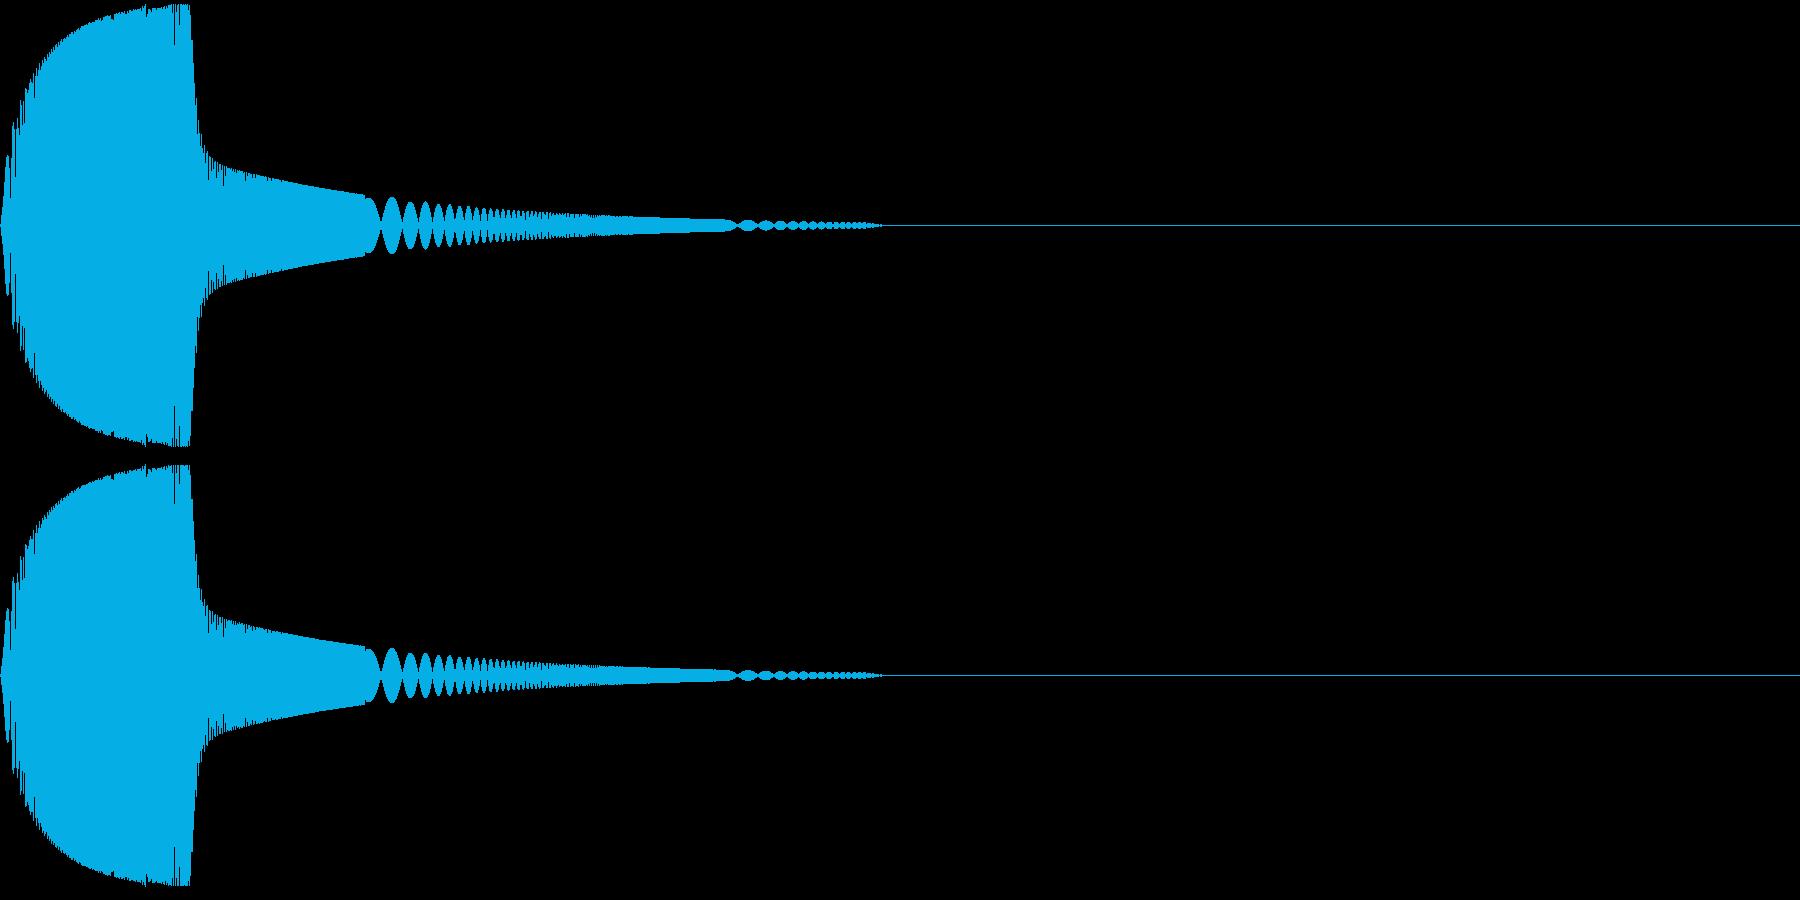 ツンと指先でつつく01の再生済みの波形